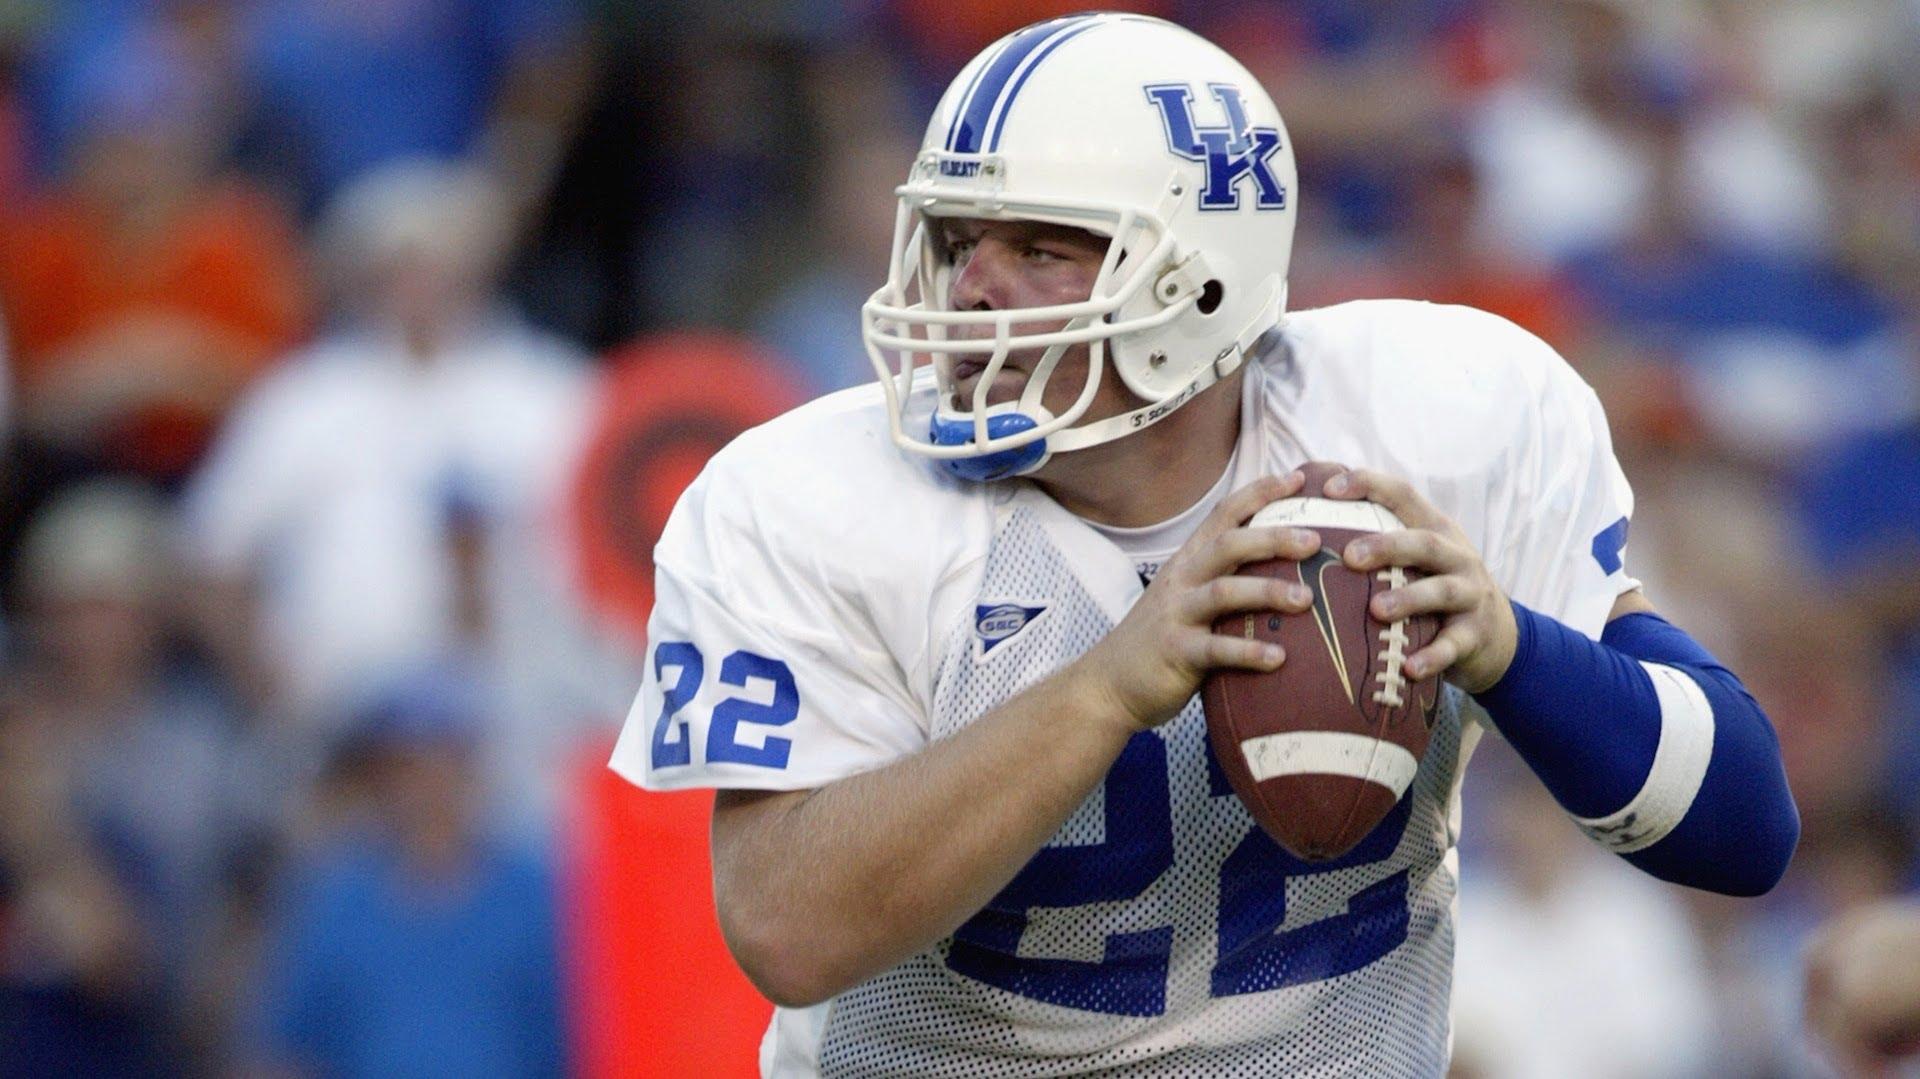 Jared Lorenzen - Kentucky football